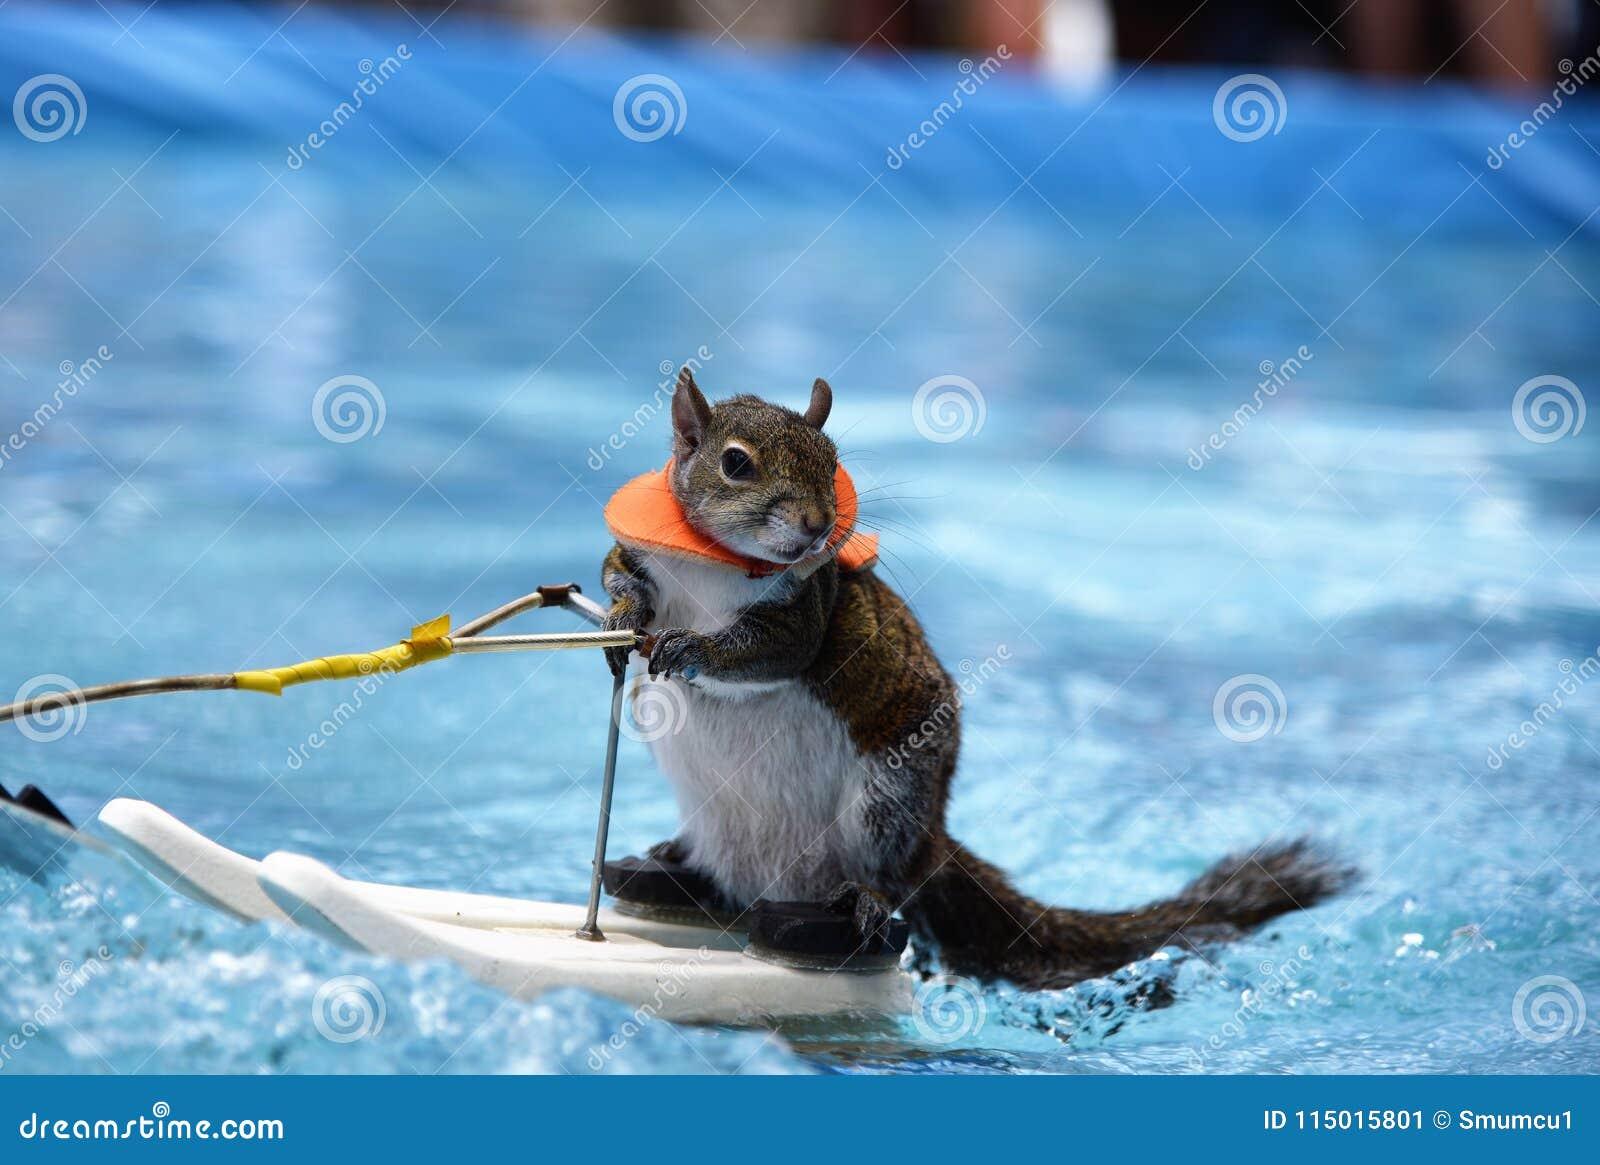 纤细灰鼠摆在,当滑水竞赛时